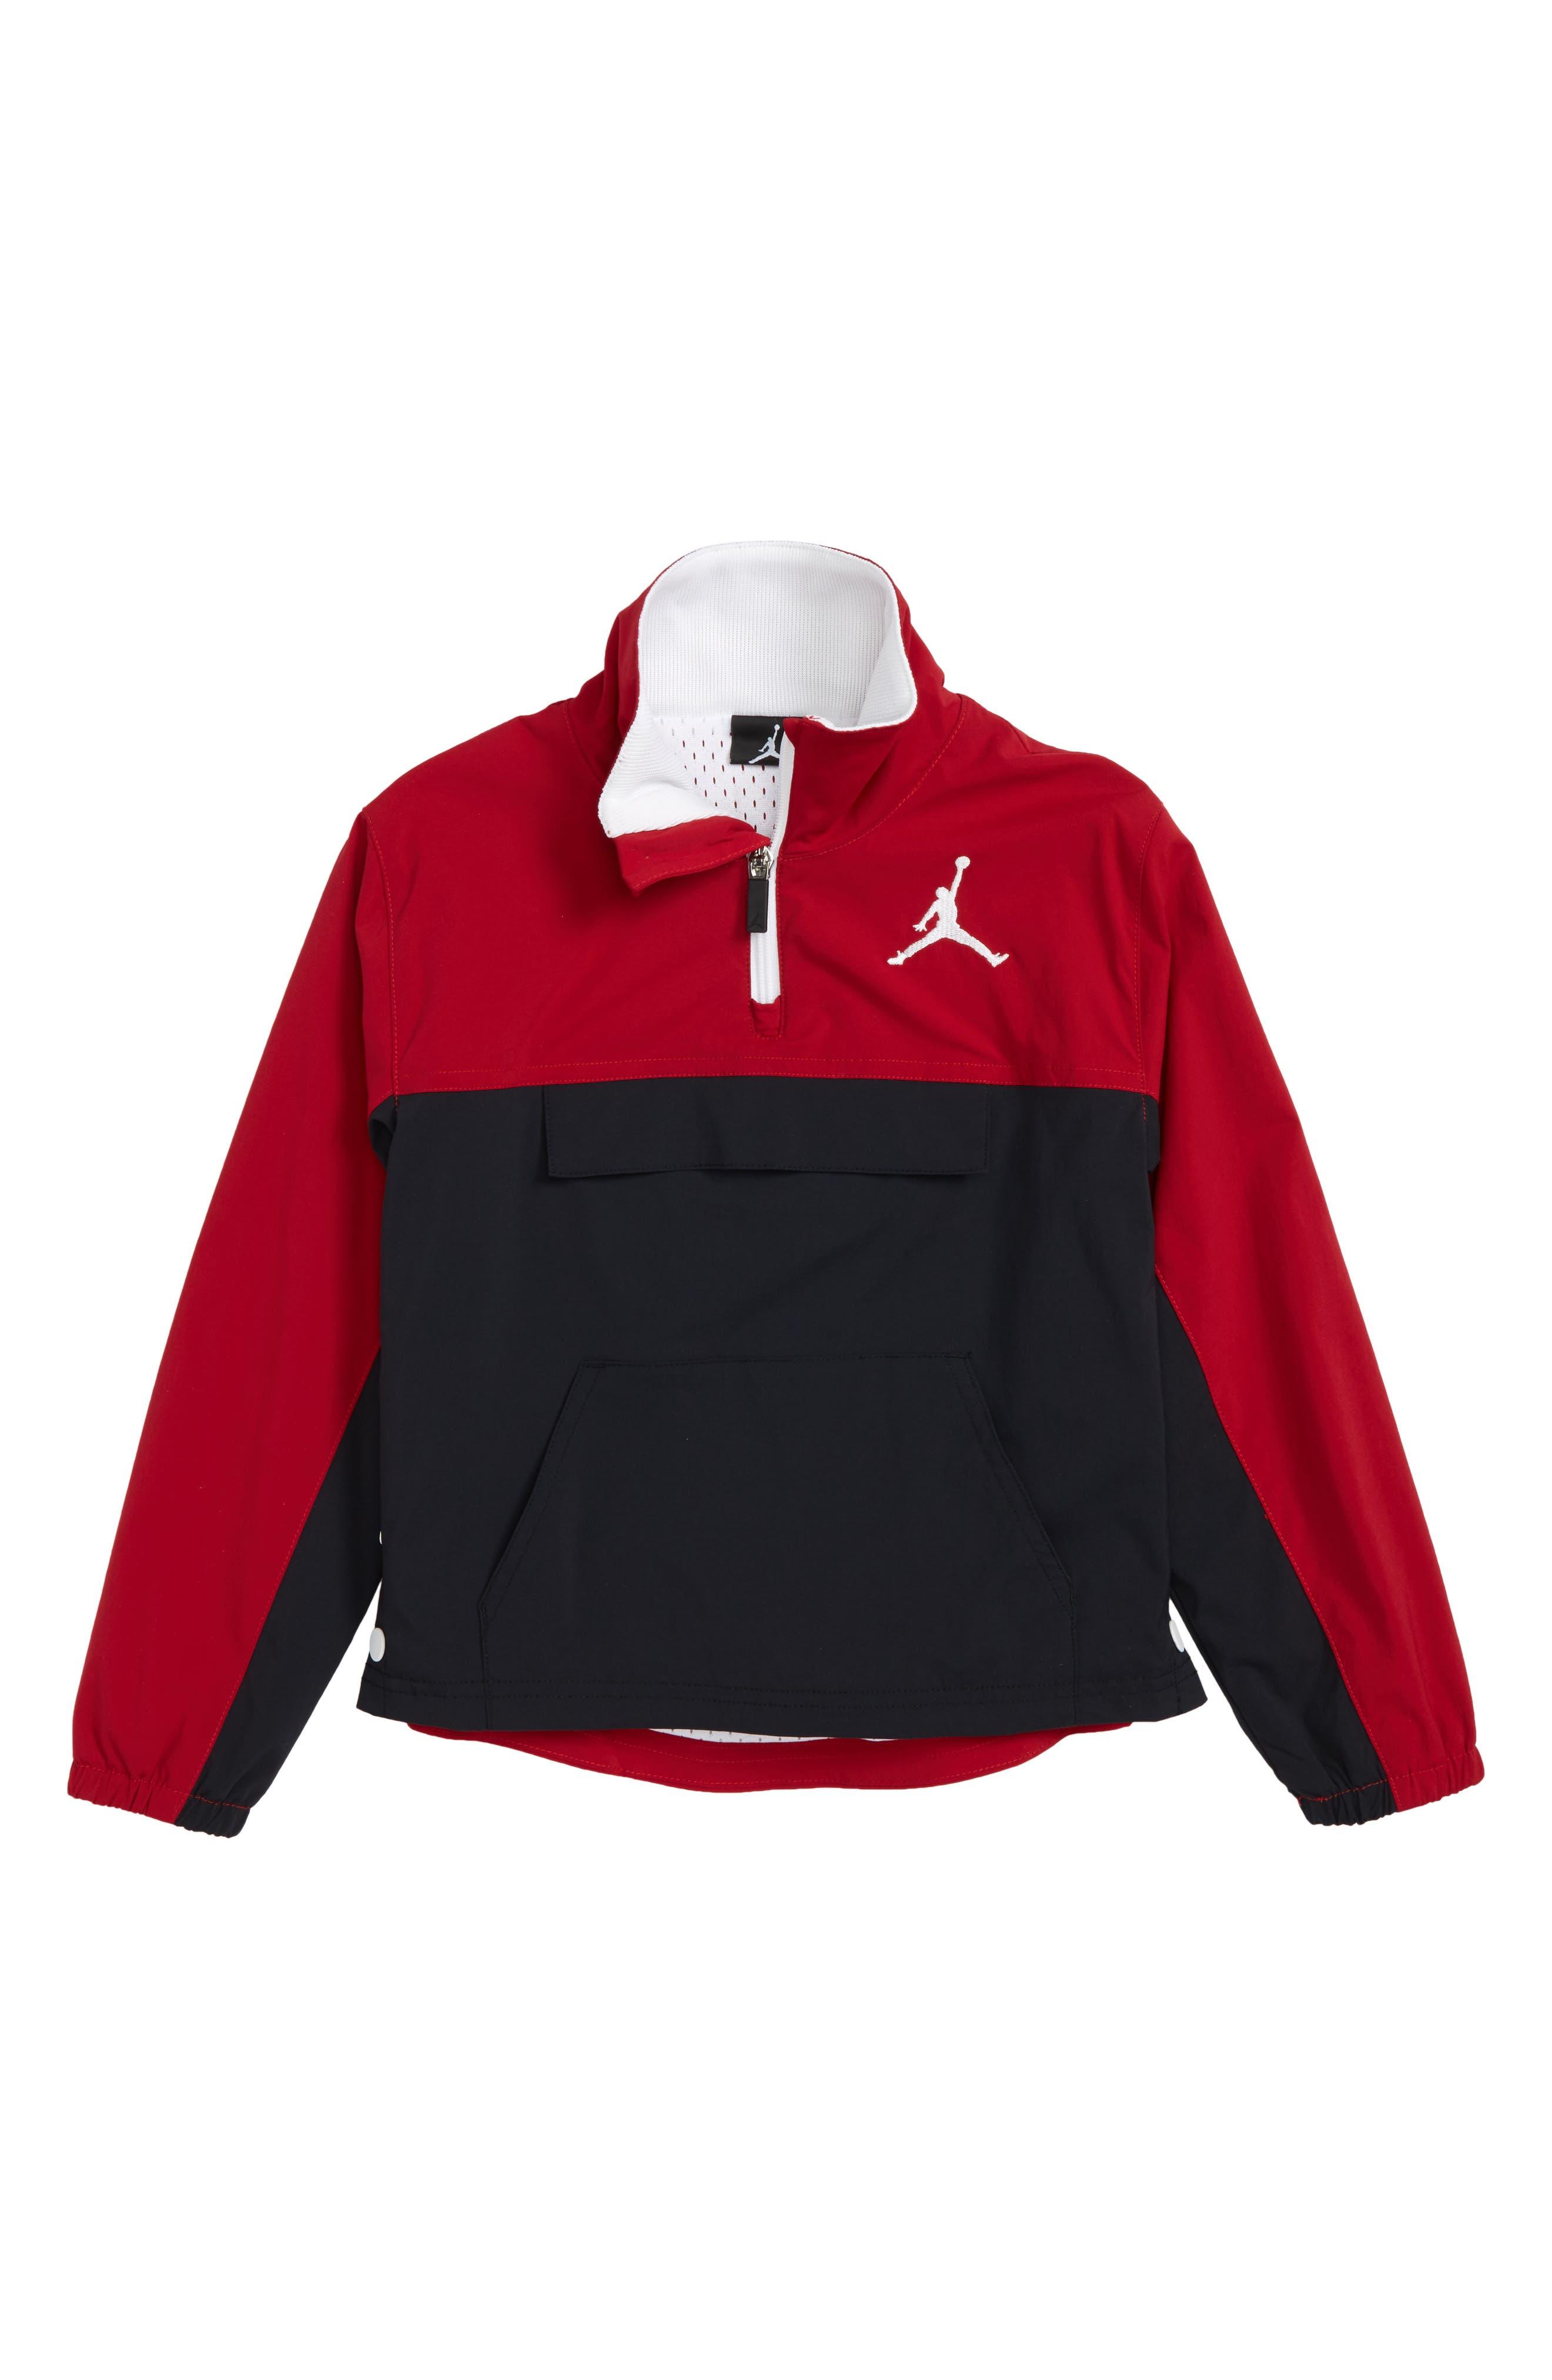 Main Image - Jordan AJ '90s Popover Quarter Zip Pullover